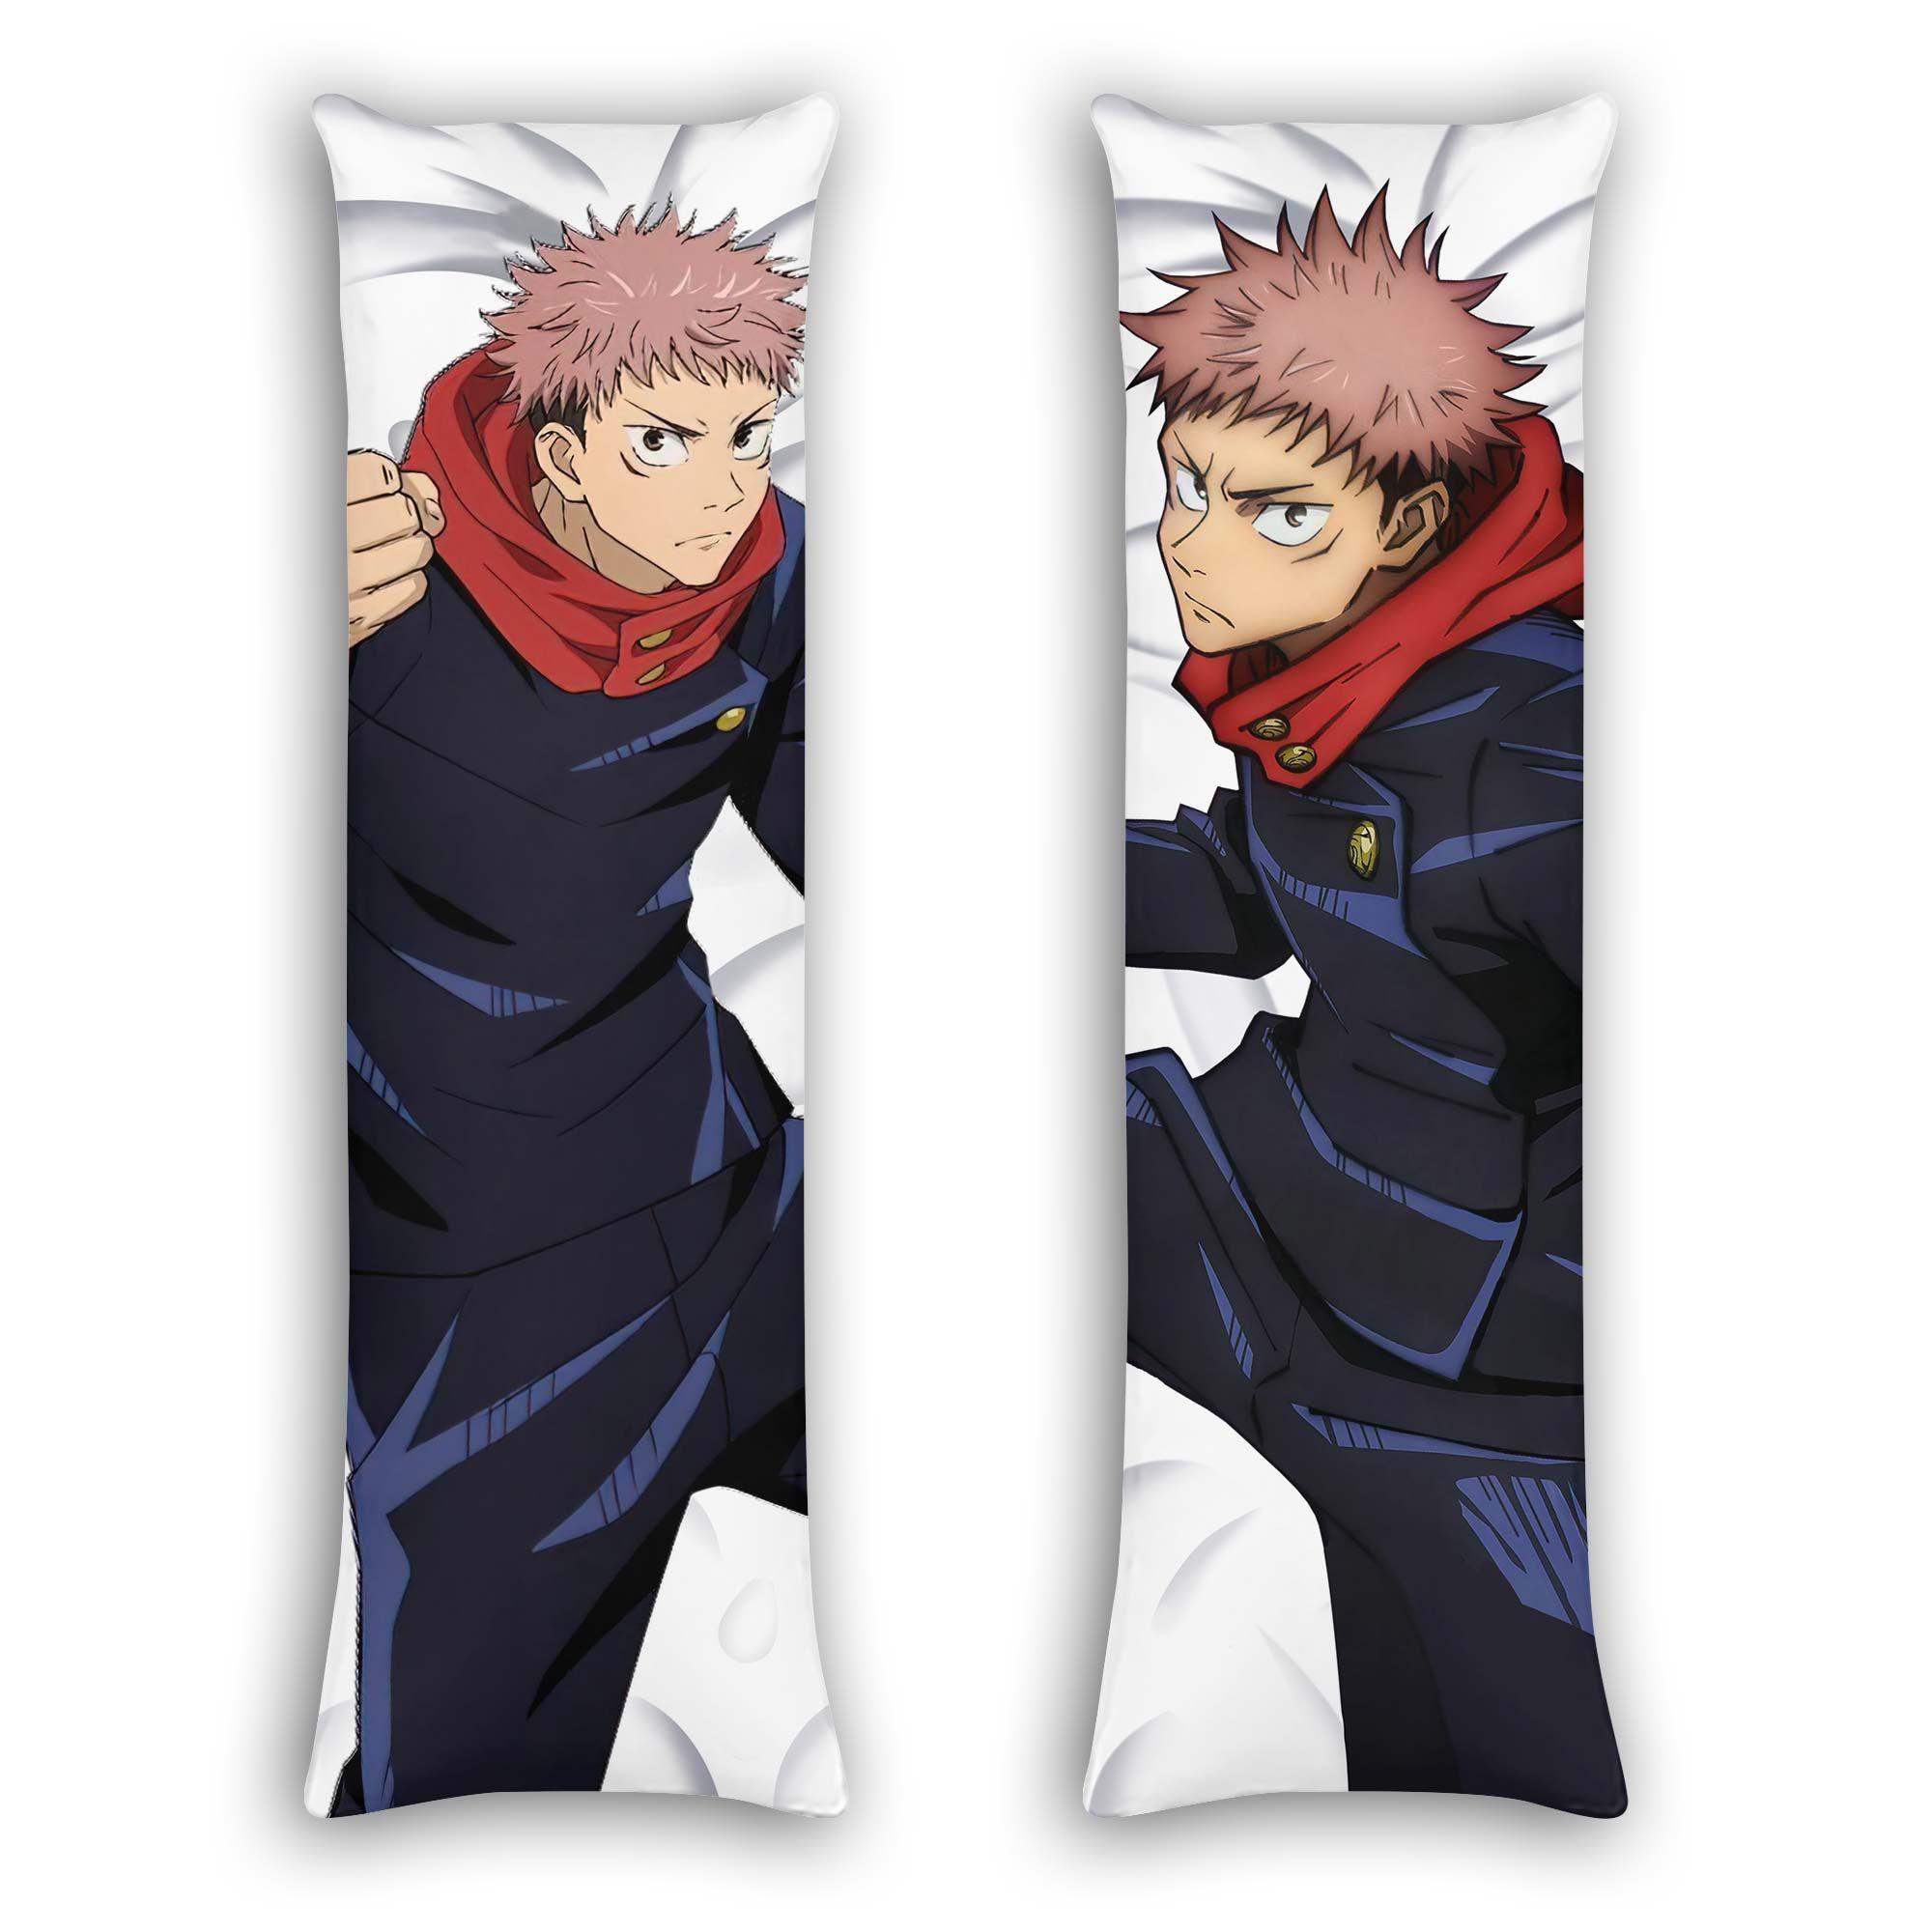 Yuji Itadori Body Pillow Cover Custom Jujutsu Kaisen Anime Gifts Official Merch GO0110